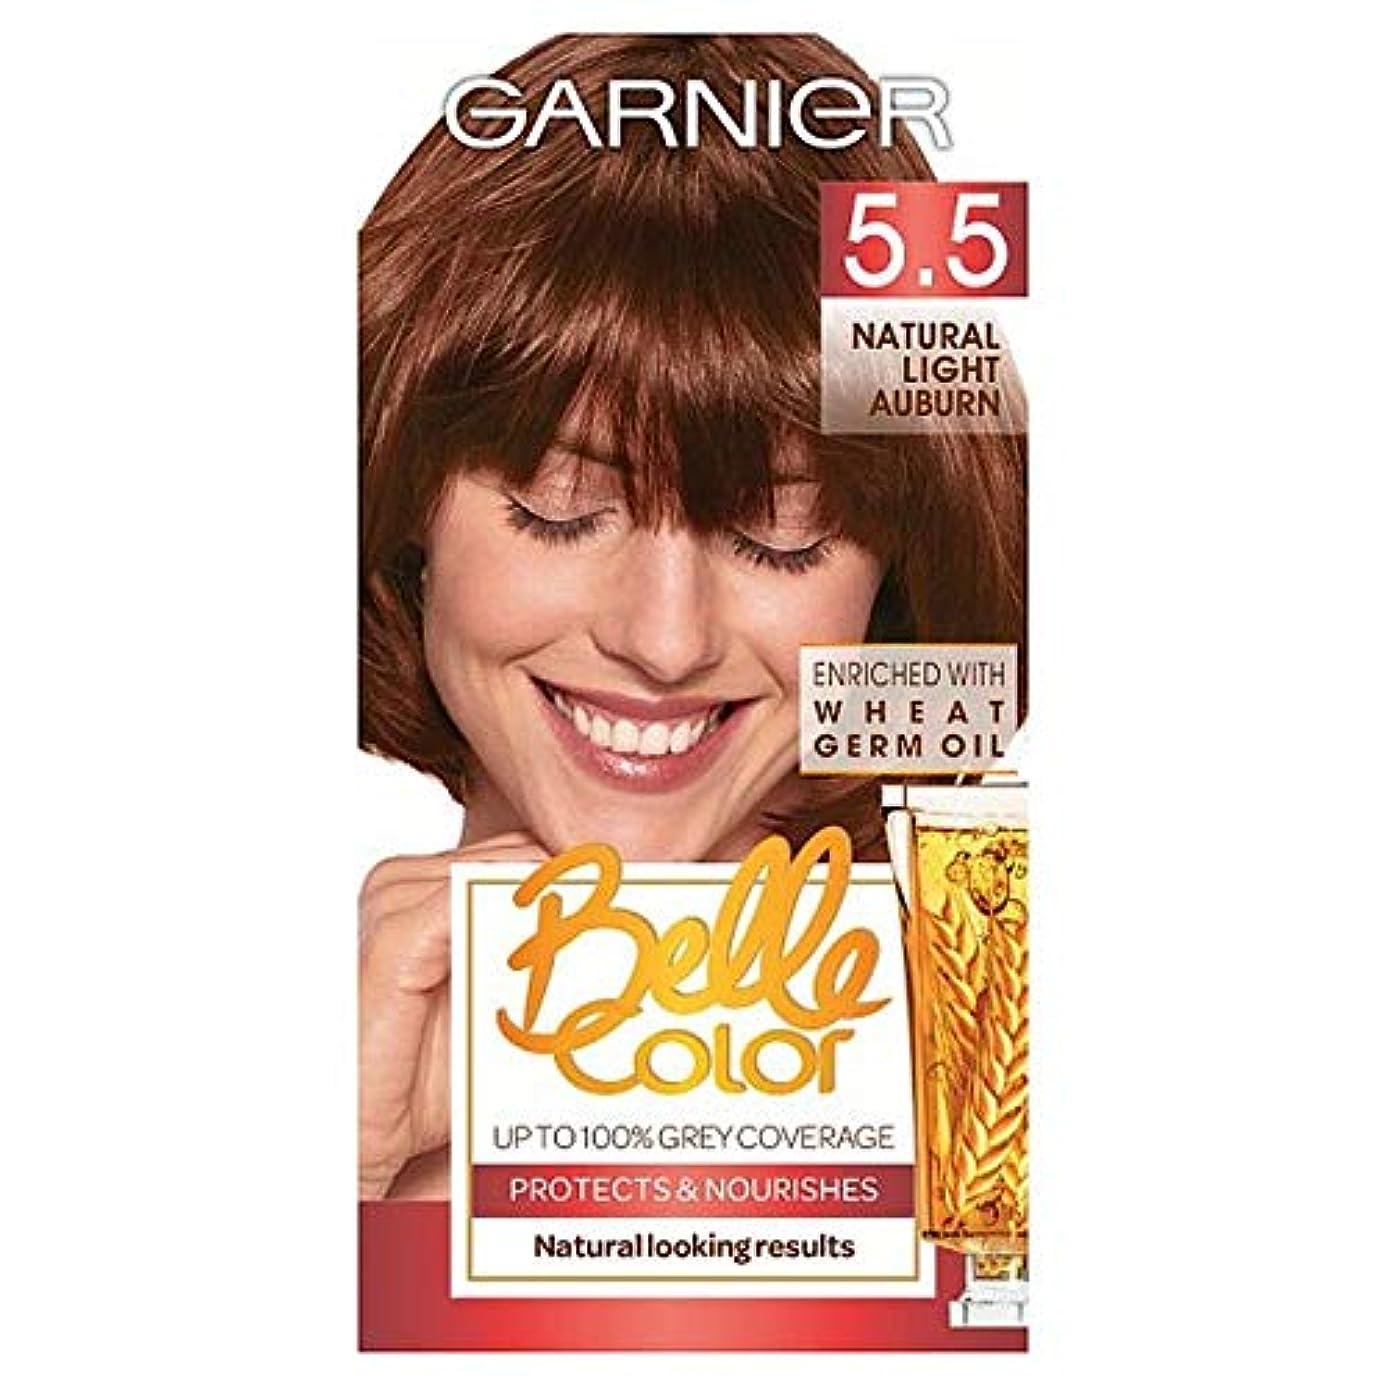 内向きハチ生理[Belle Color] ガーン/ベル/Clr 5.5自然光赤褐色パーマネントヘアダイ - Garn/Bel/Clr 5.5 Natural Light Auburn Permanent Hair Dye [並行輸入品]